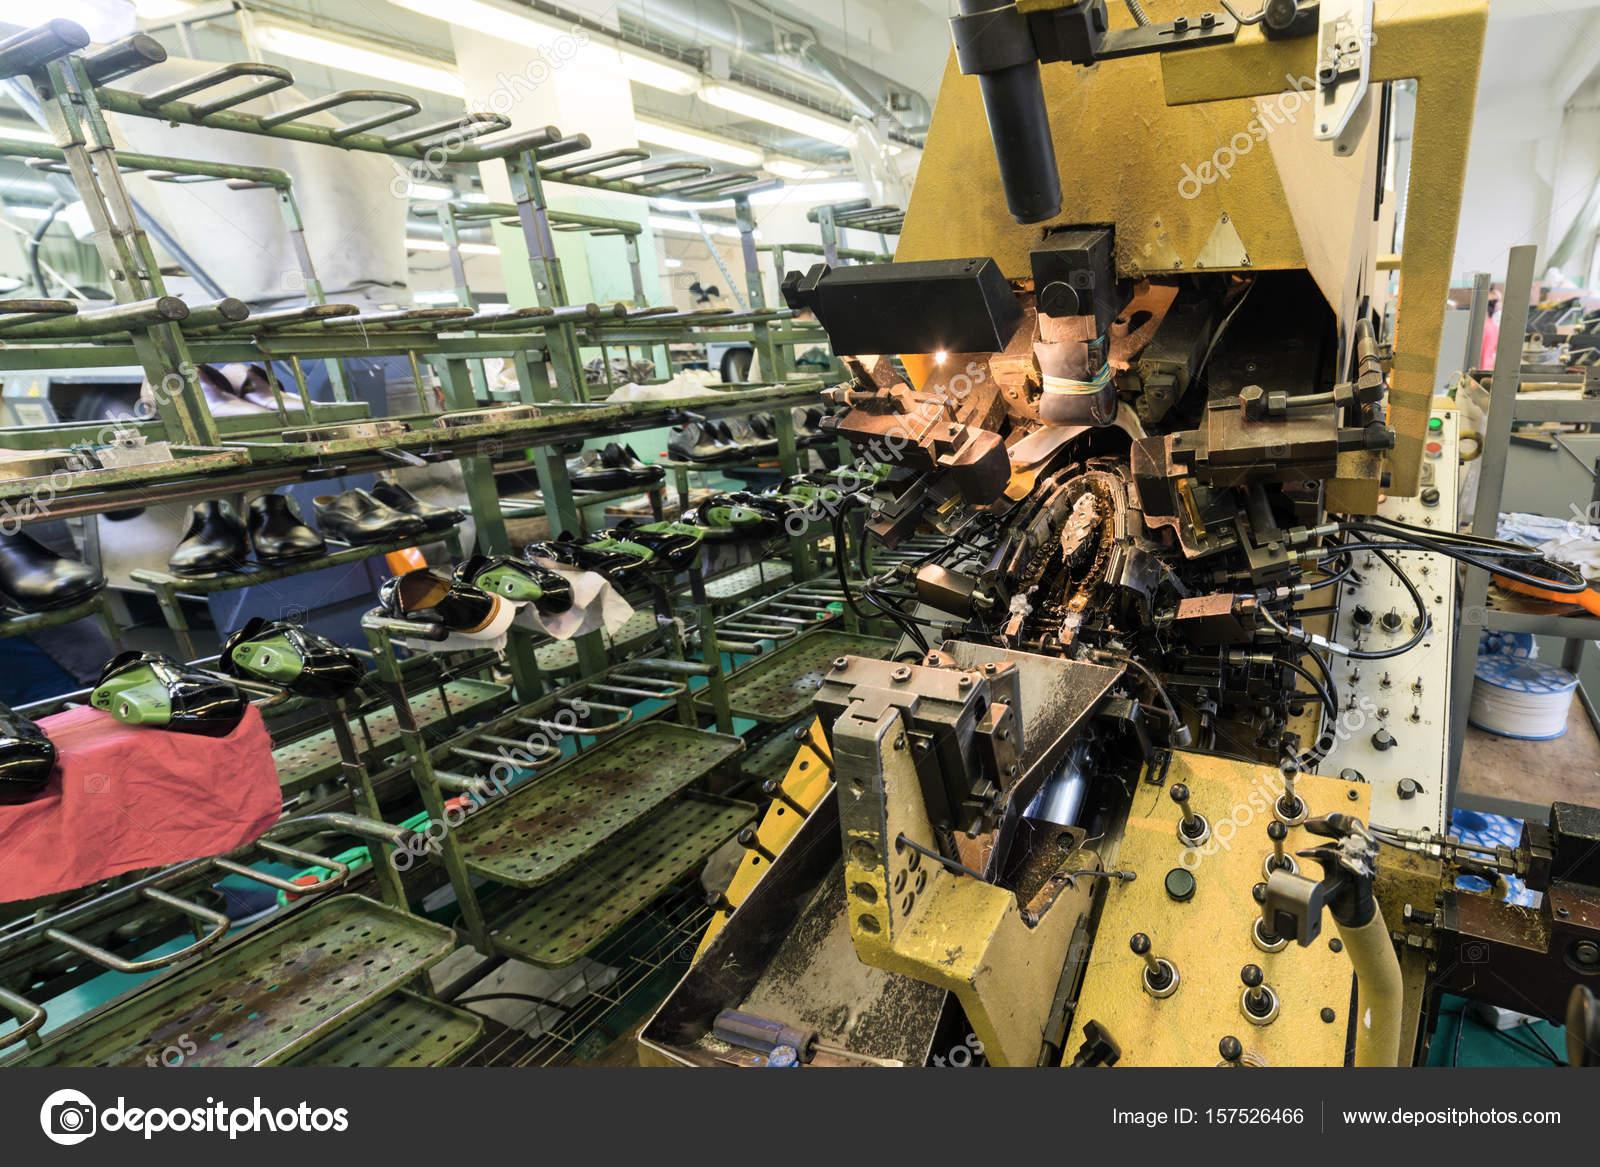 f68c498811 Equipos y máquinas para la producción de calzado — Foto de Stock